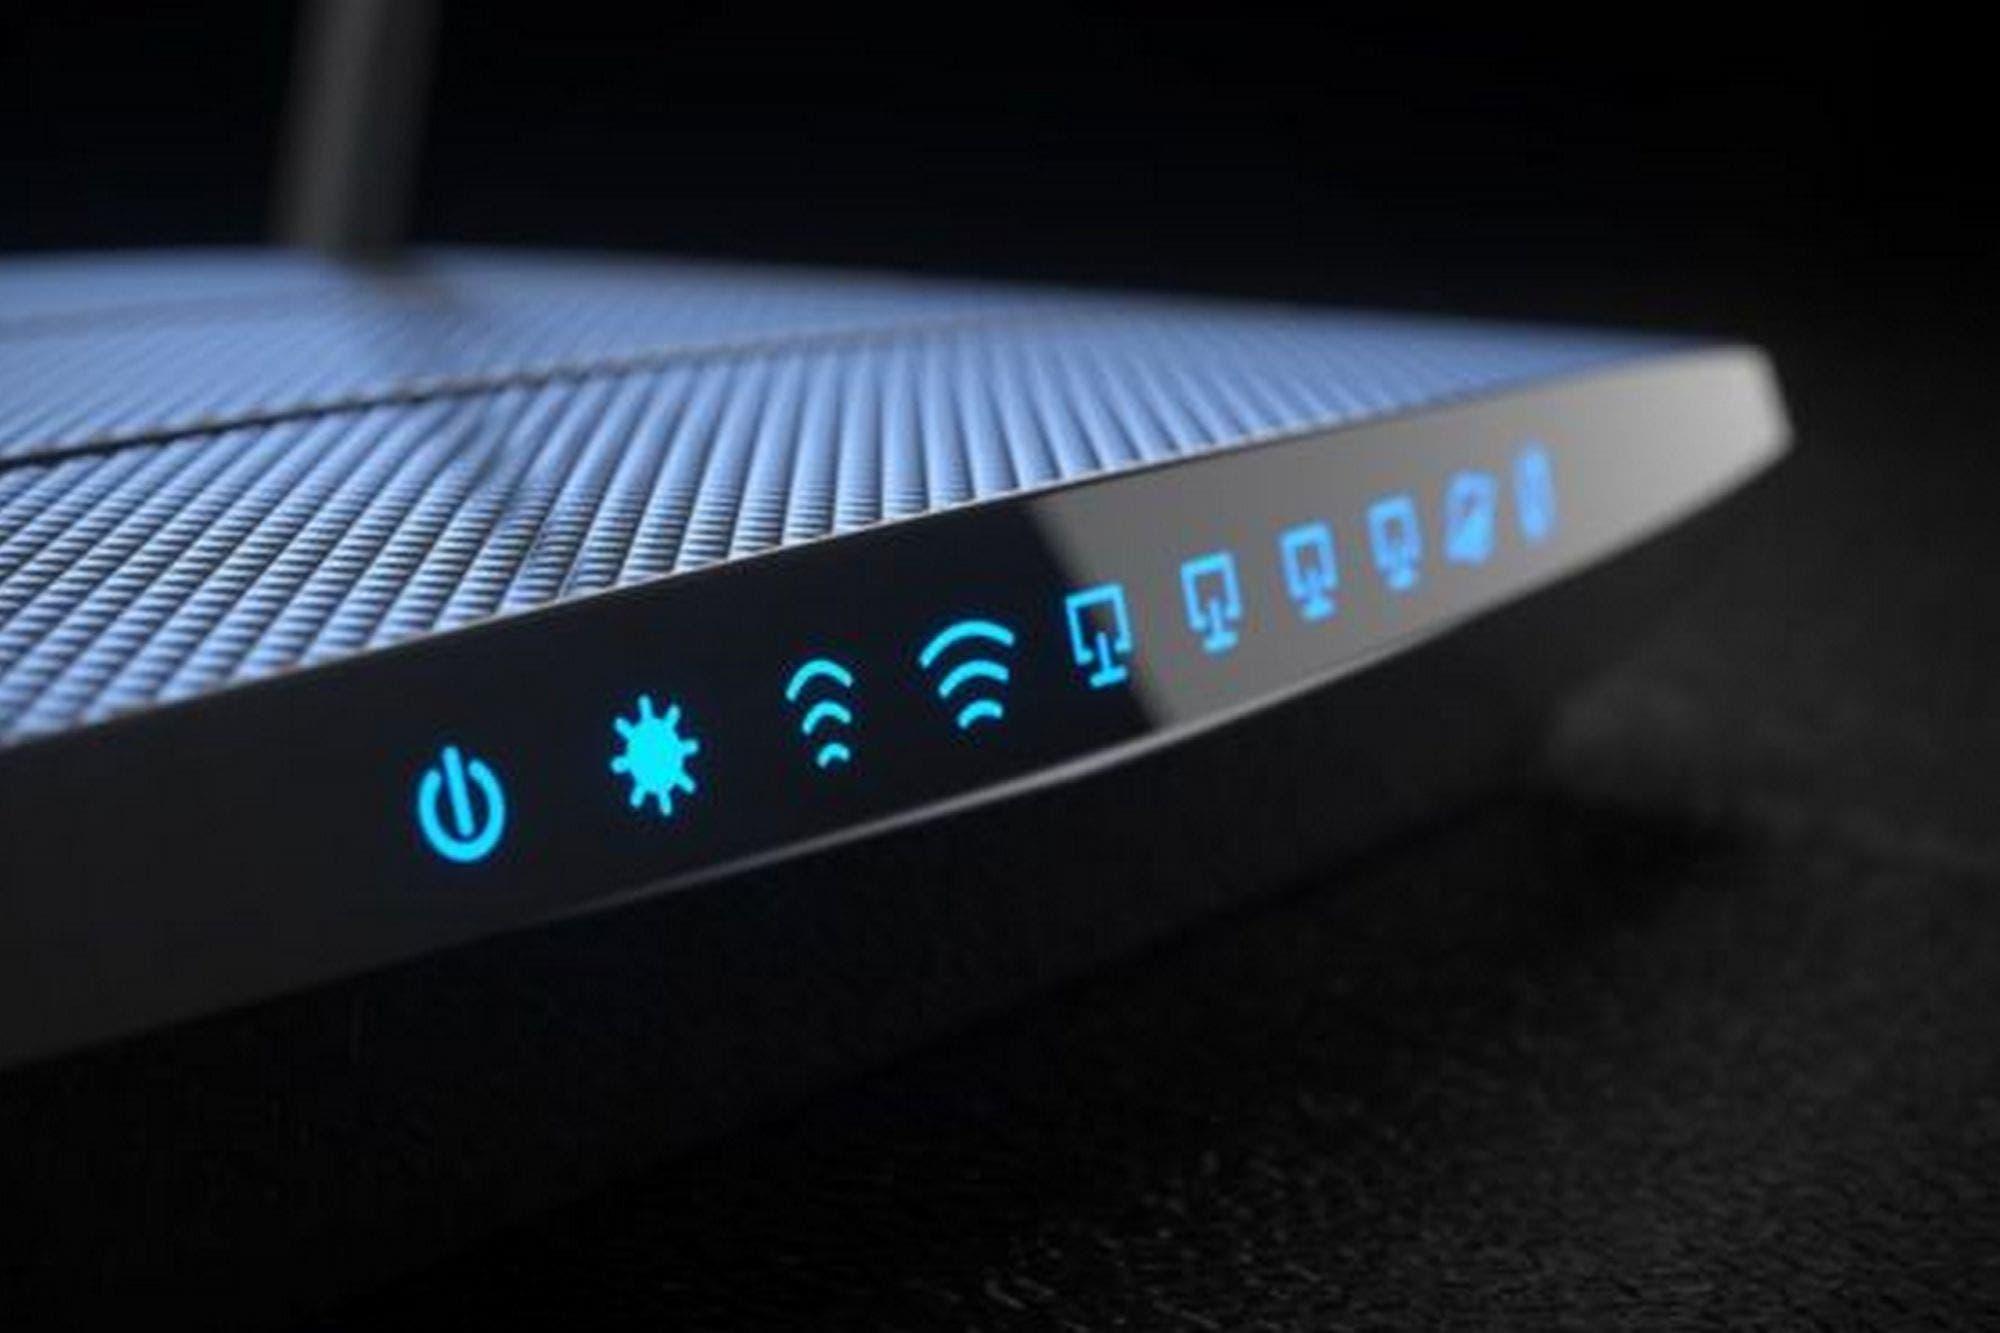 Cómo cambiar la contraseña de WiFi según la compañía